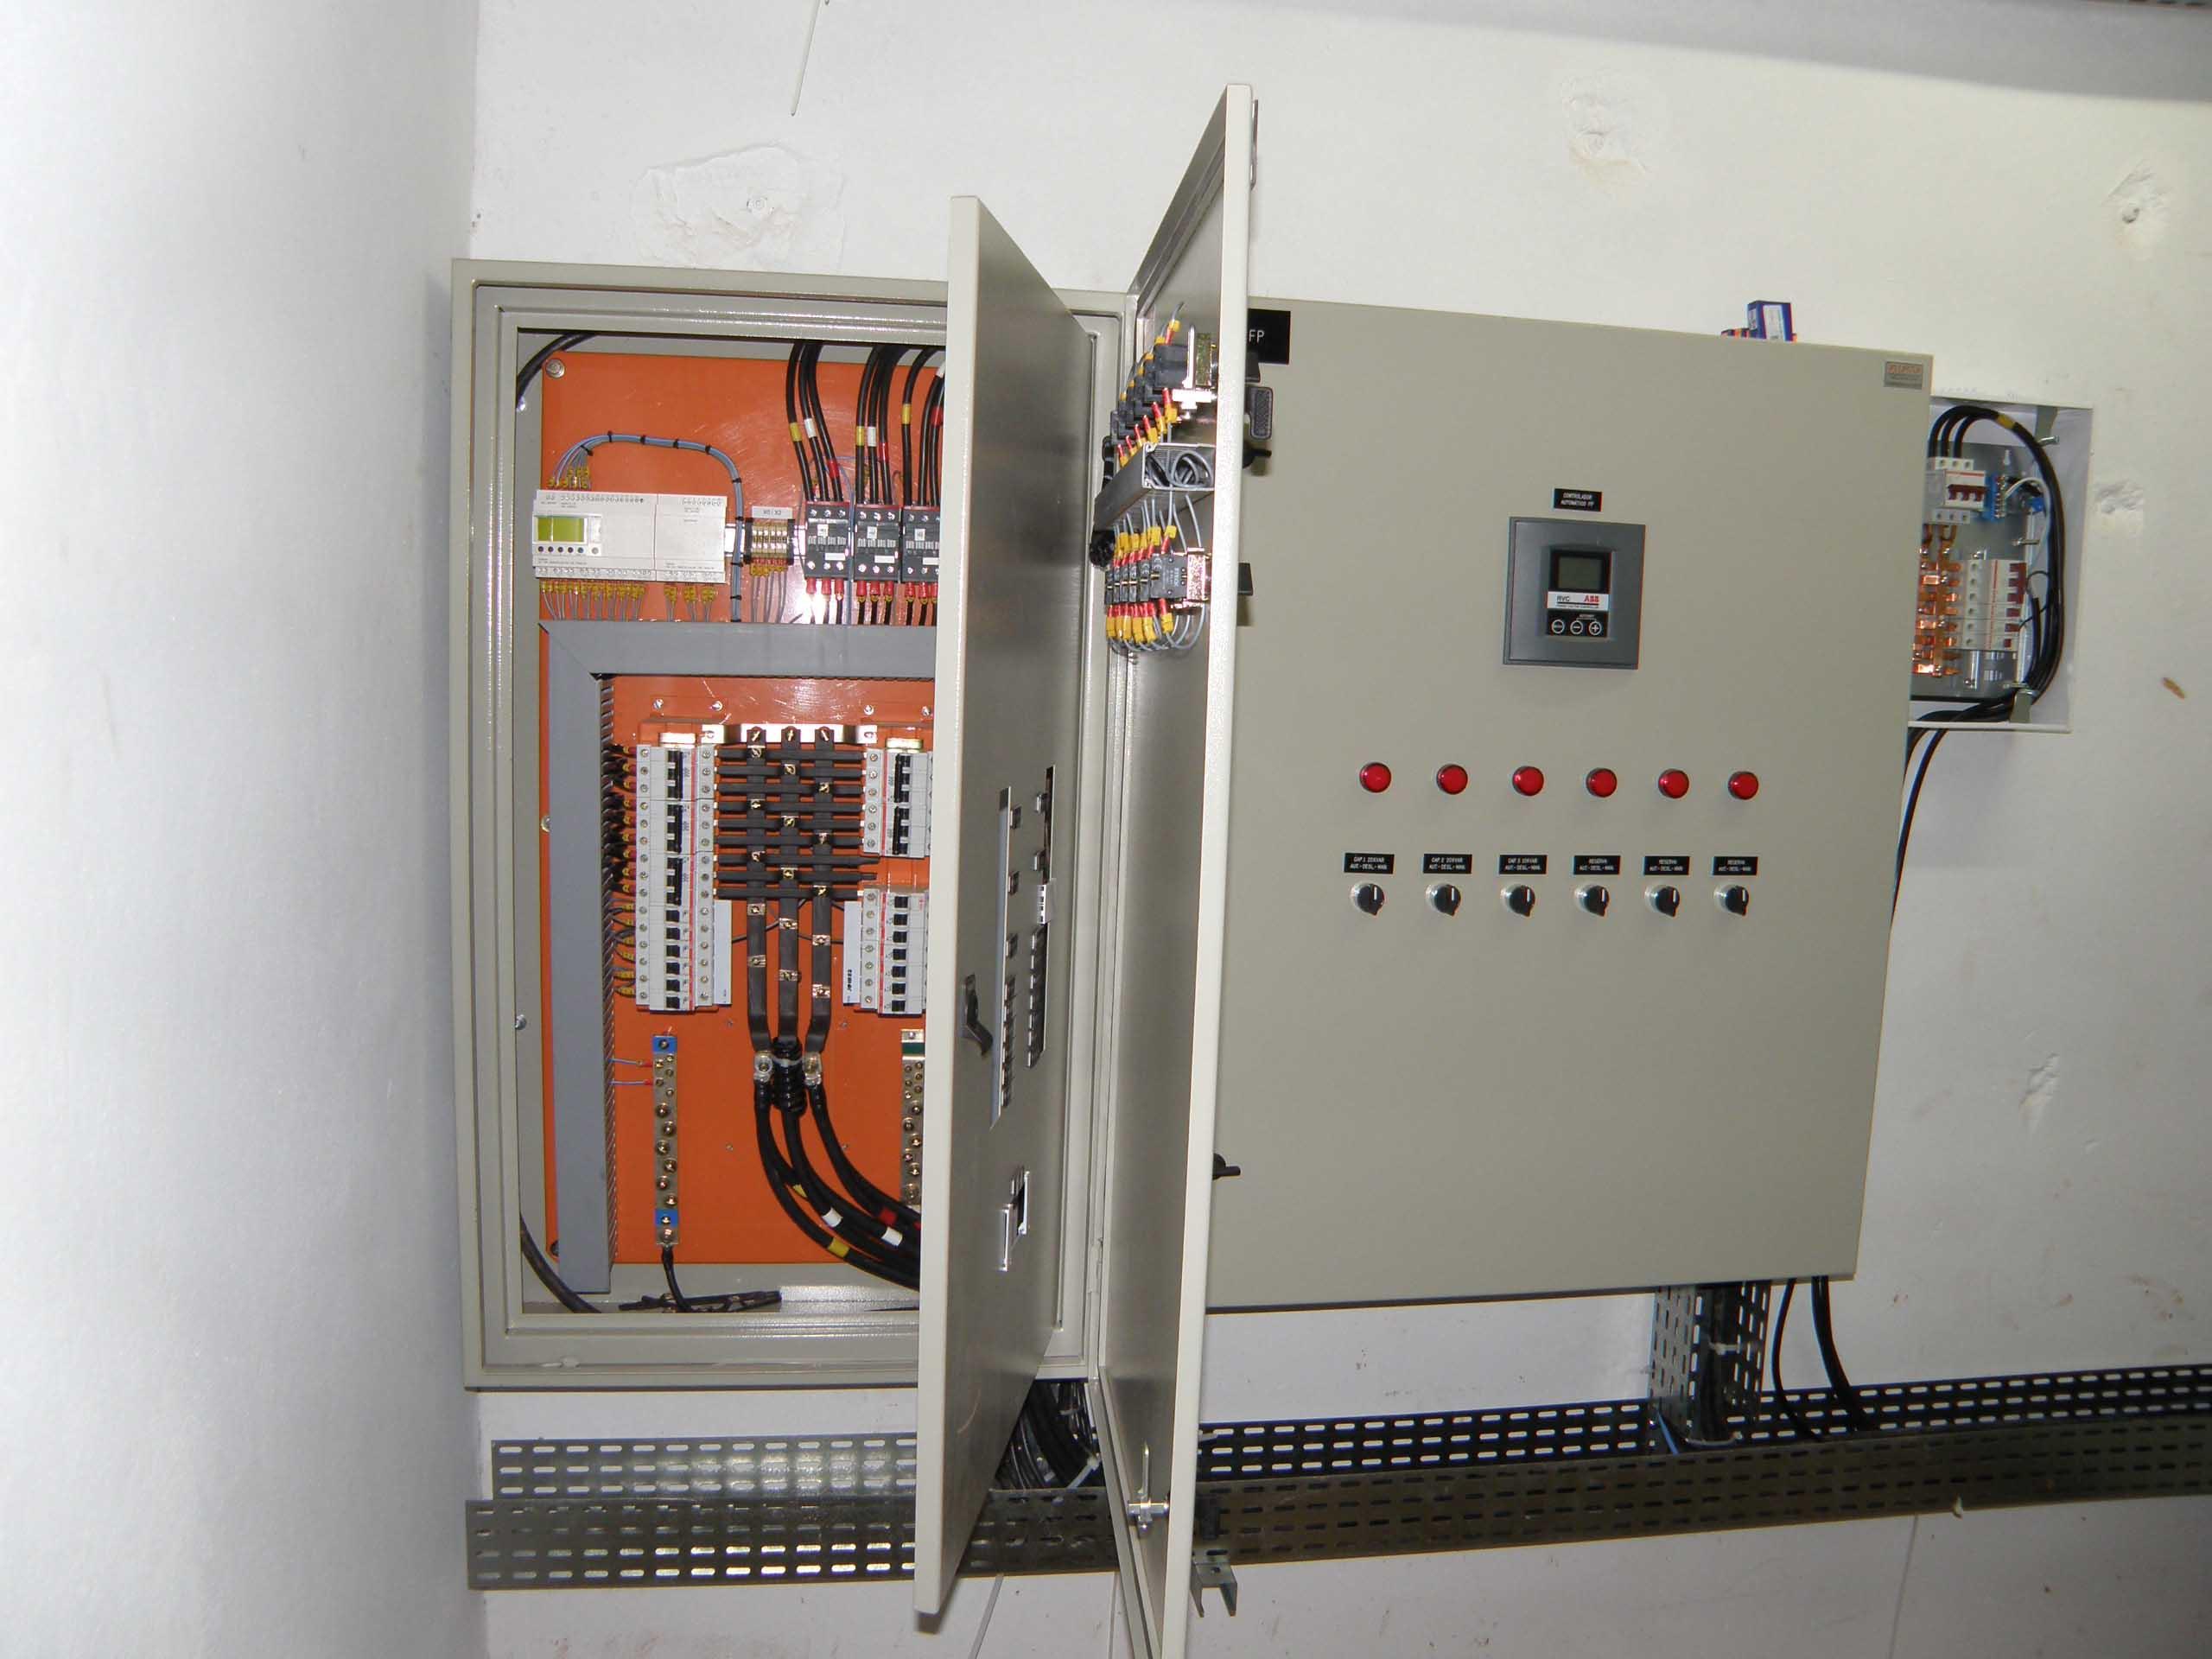 Quadro de controle de iluminação projetado